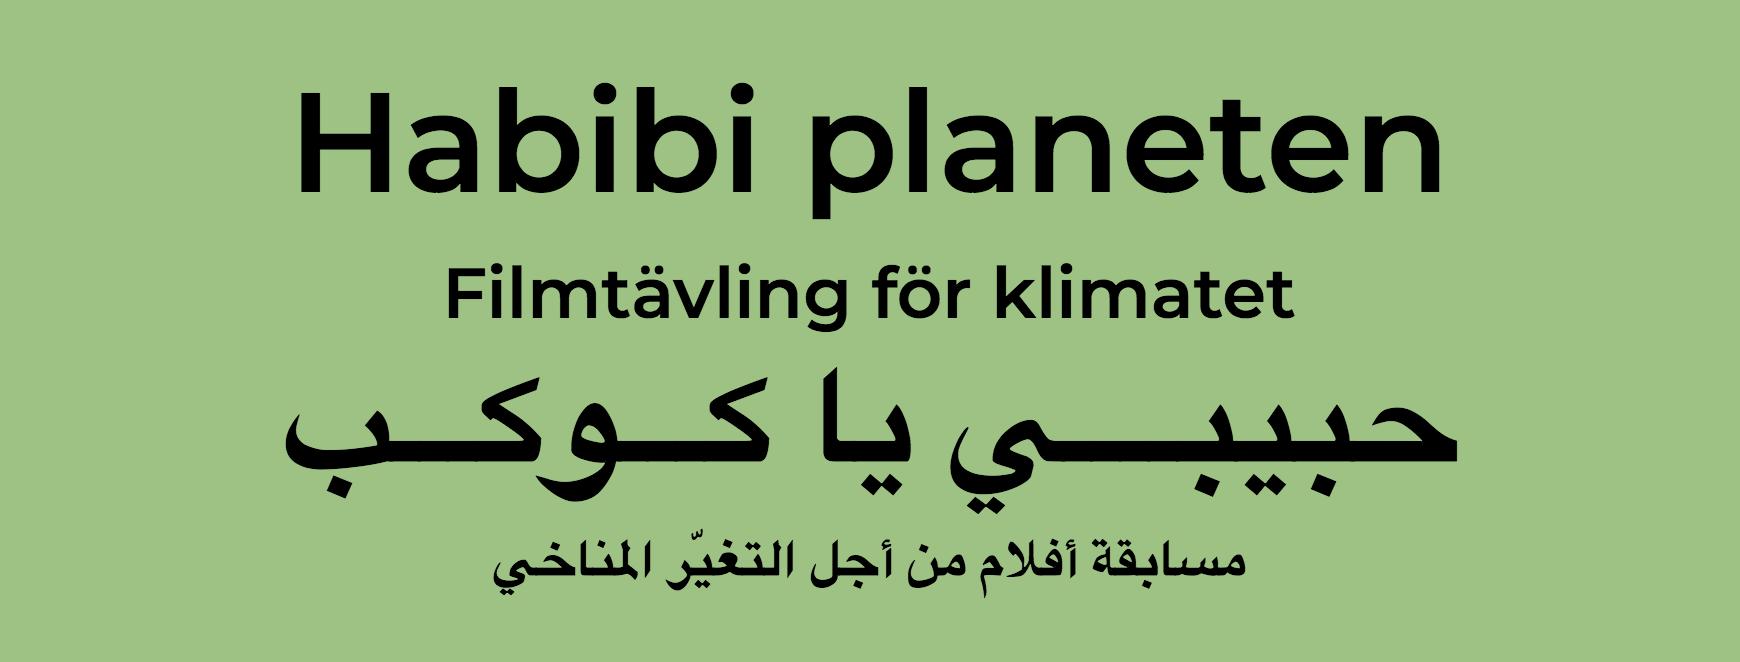 Filmtävling för klimatet.